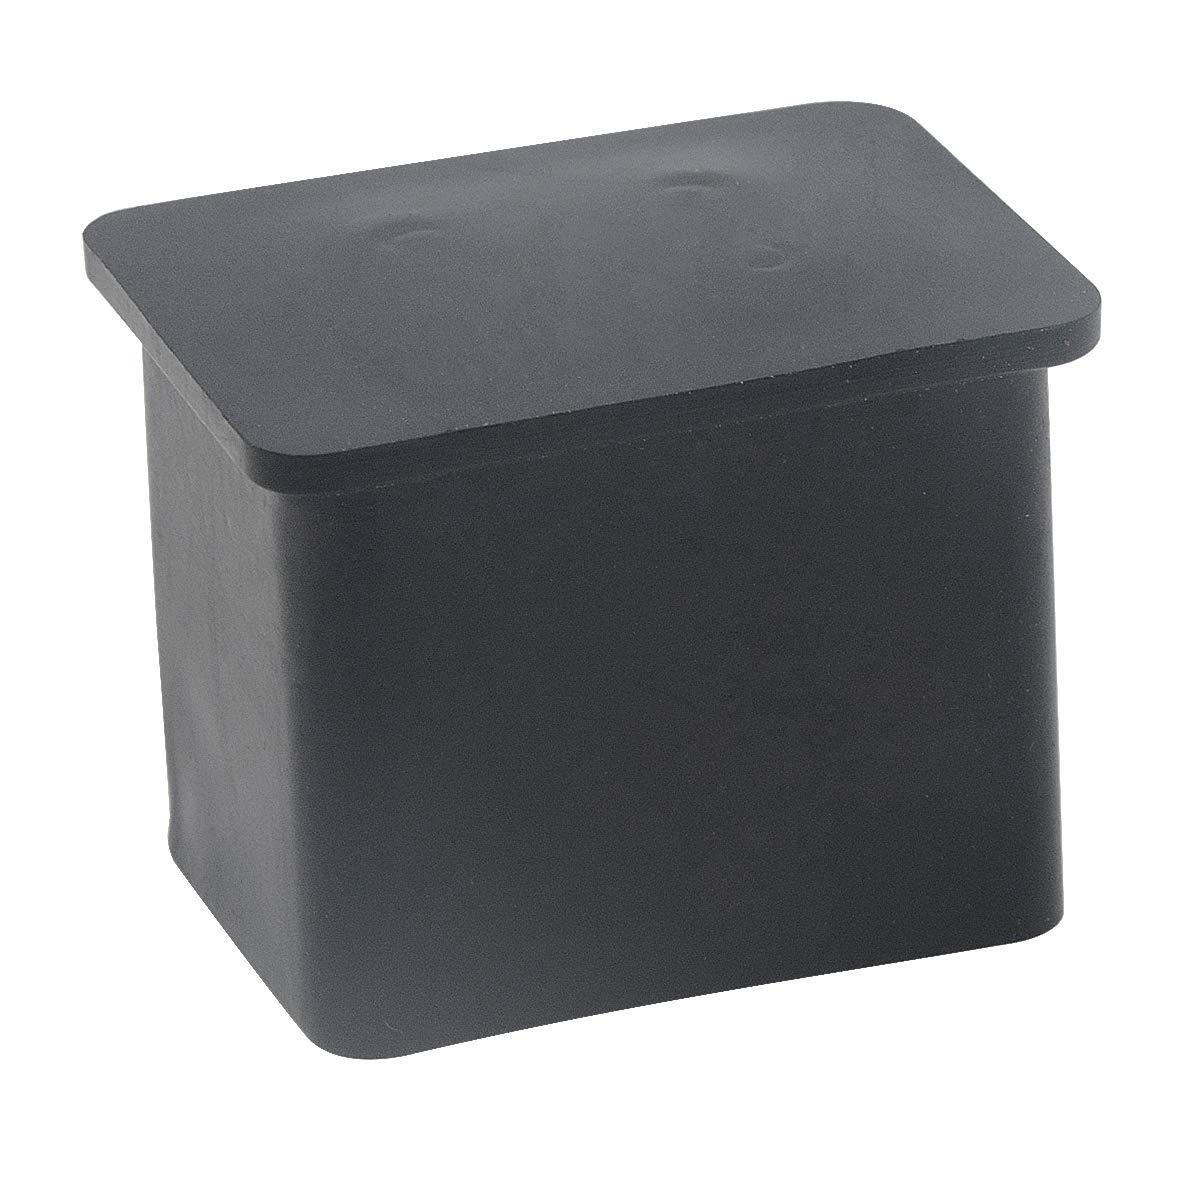 Saim Noir rectangle meubles Table Bureau Pied Cover Cap 30/mm x 20/mm lot de 24